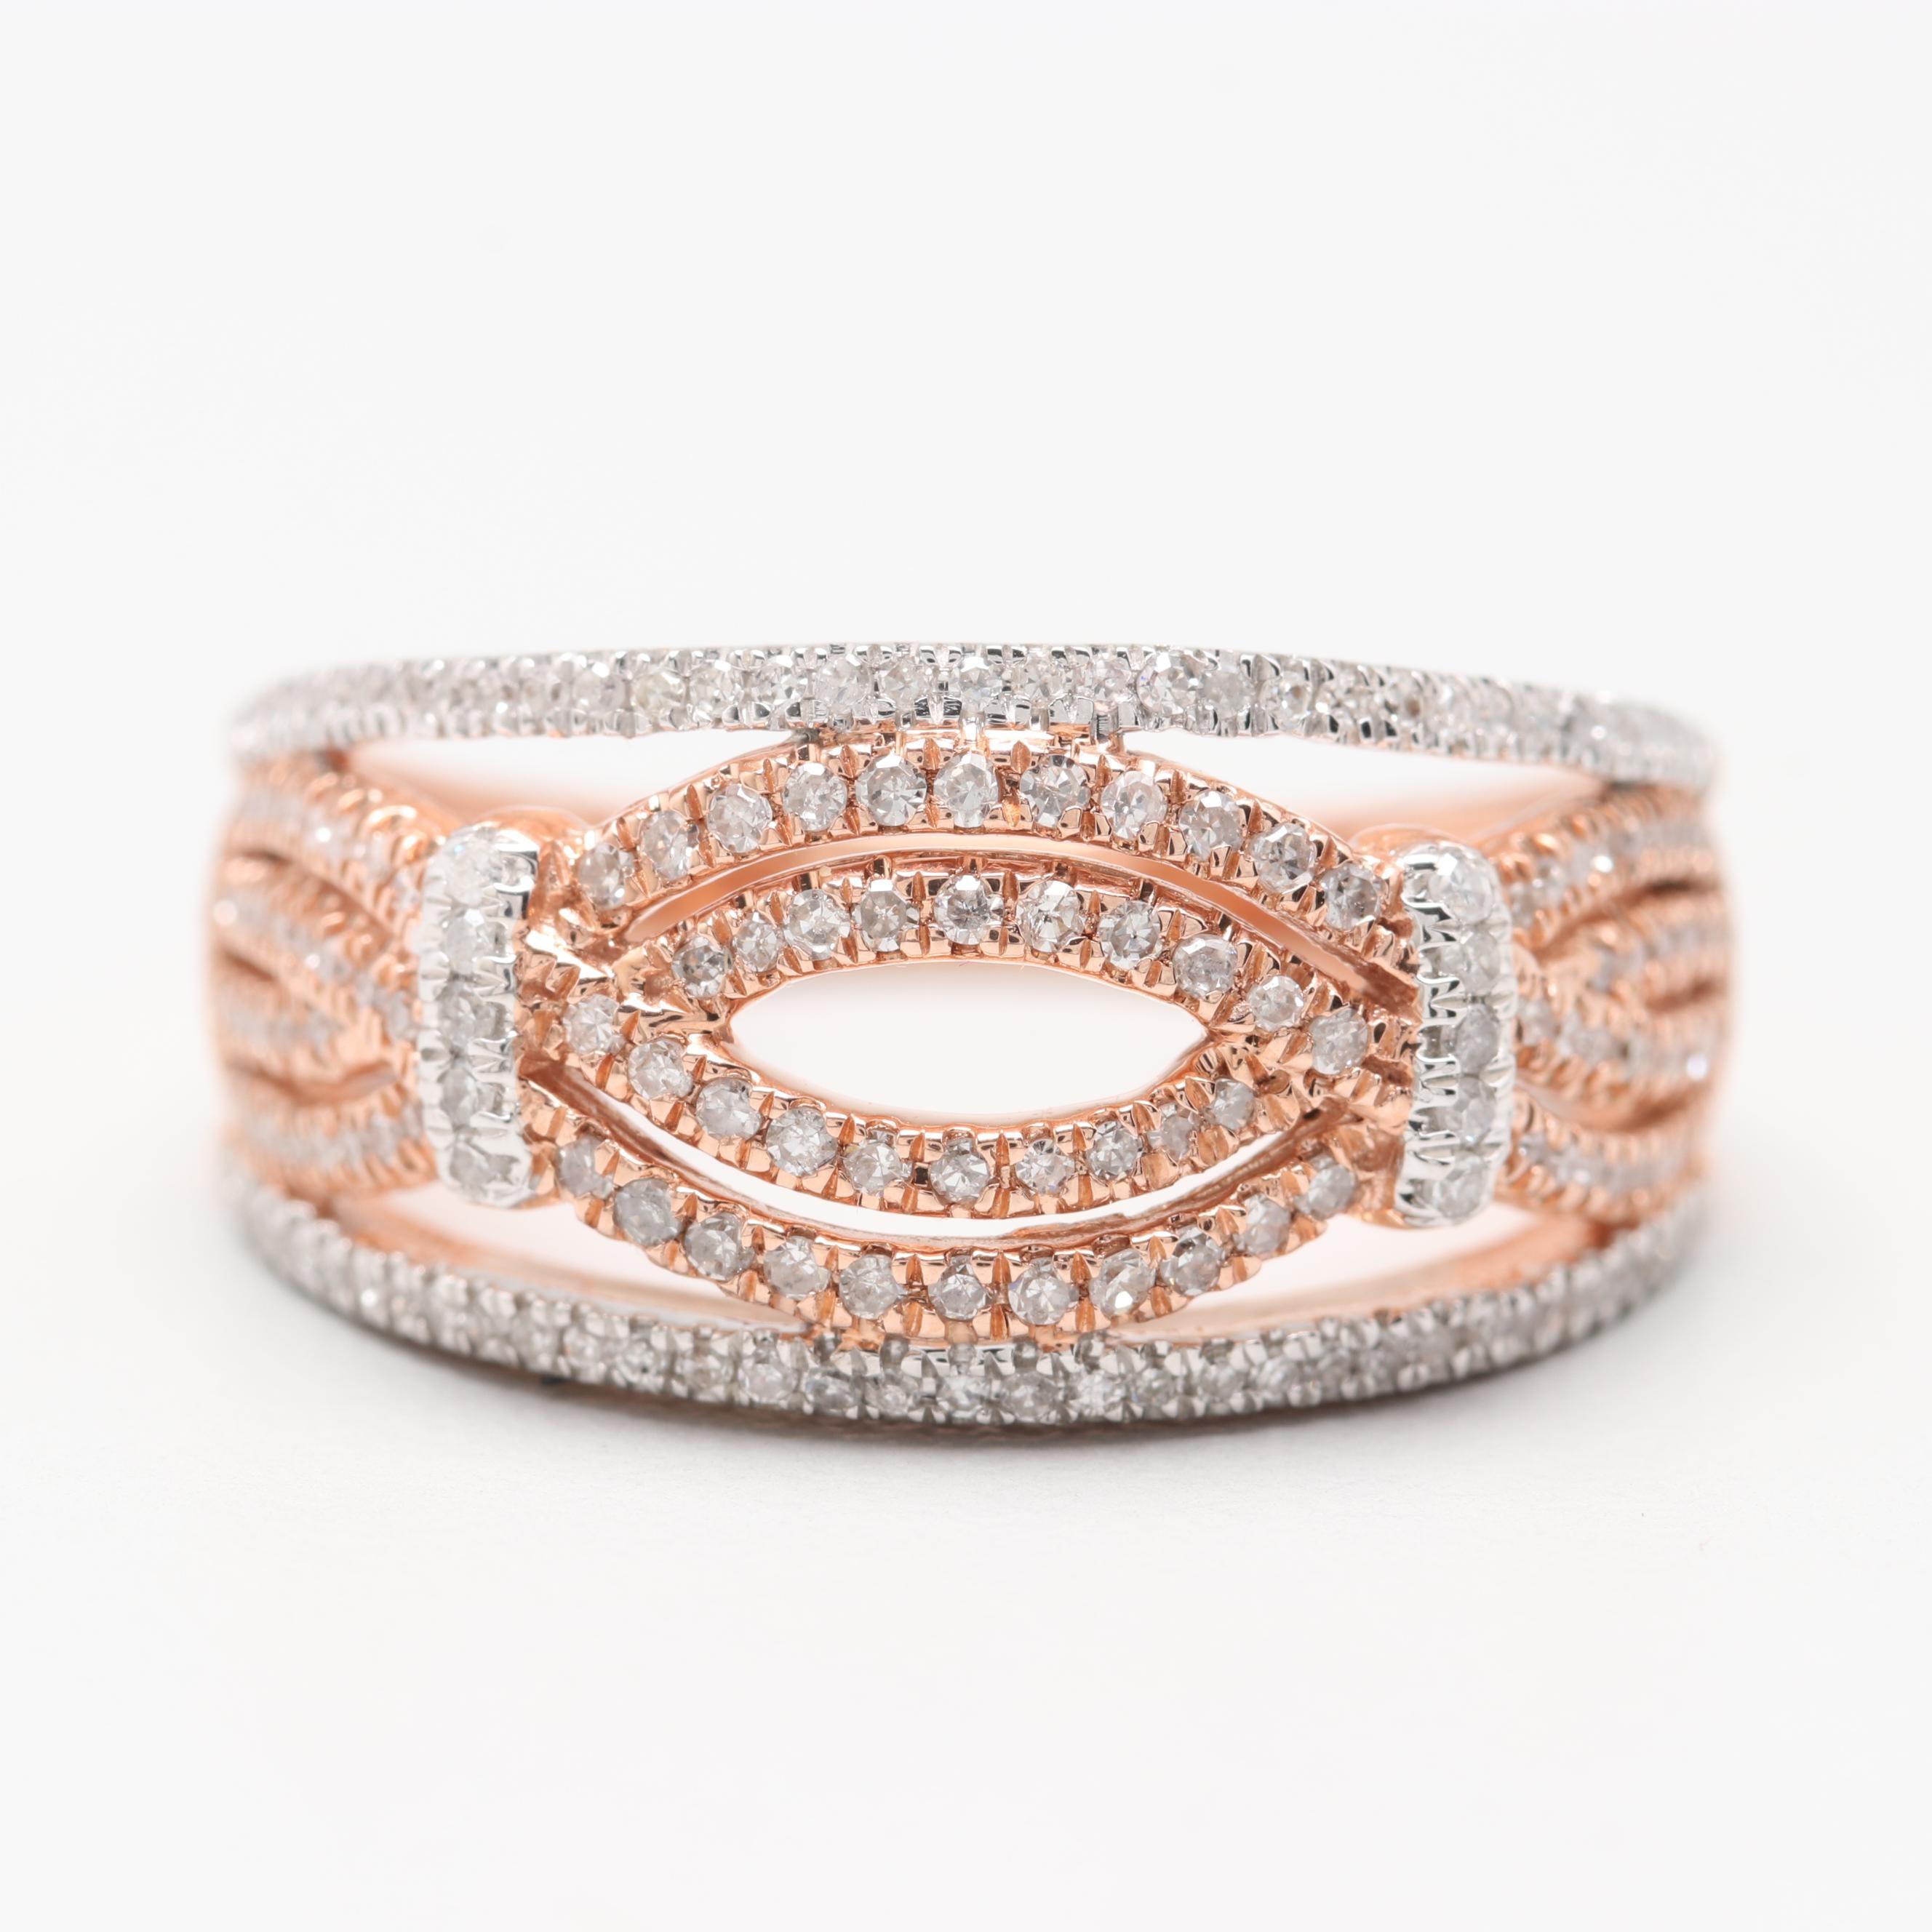 Alwand Vahan 10K Rose Gold Diamond Ring